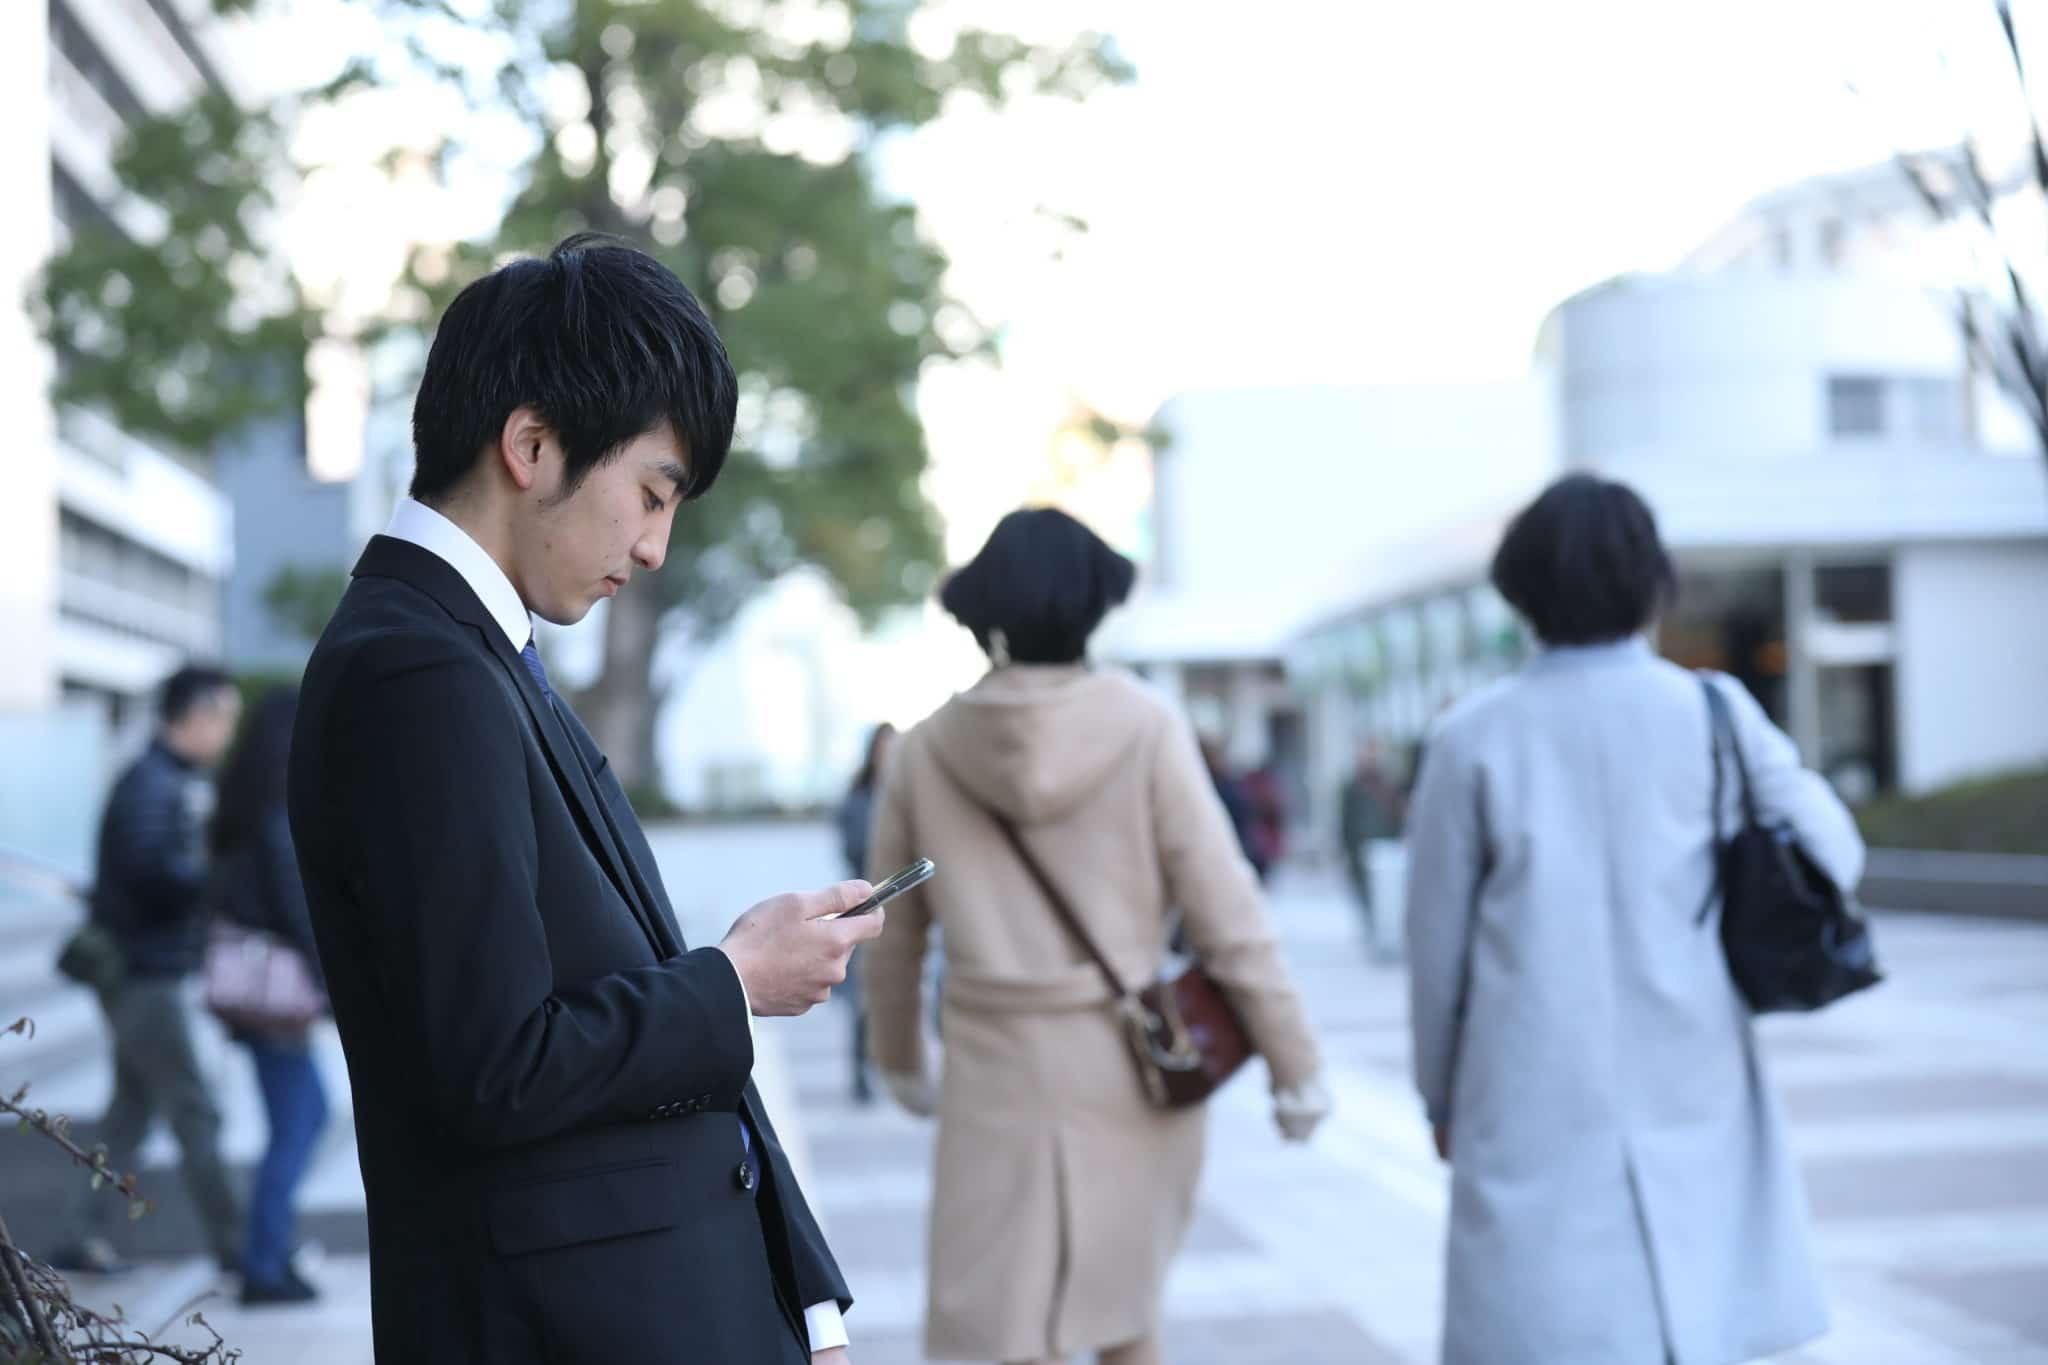 【就活生必見】就活では、どんなメールアドレスを使うべきなのか?